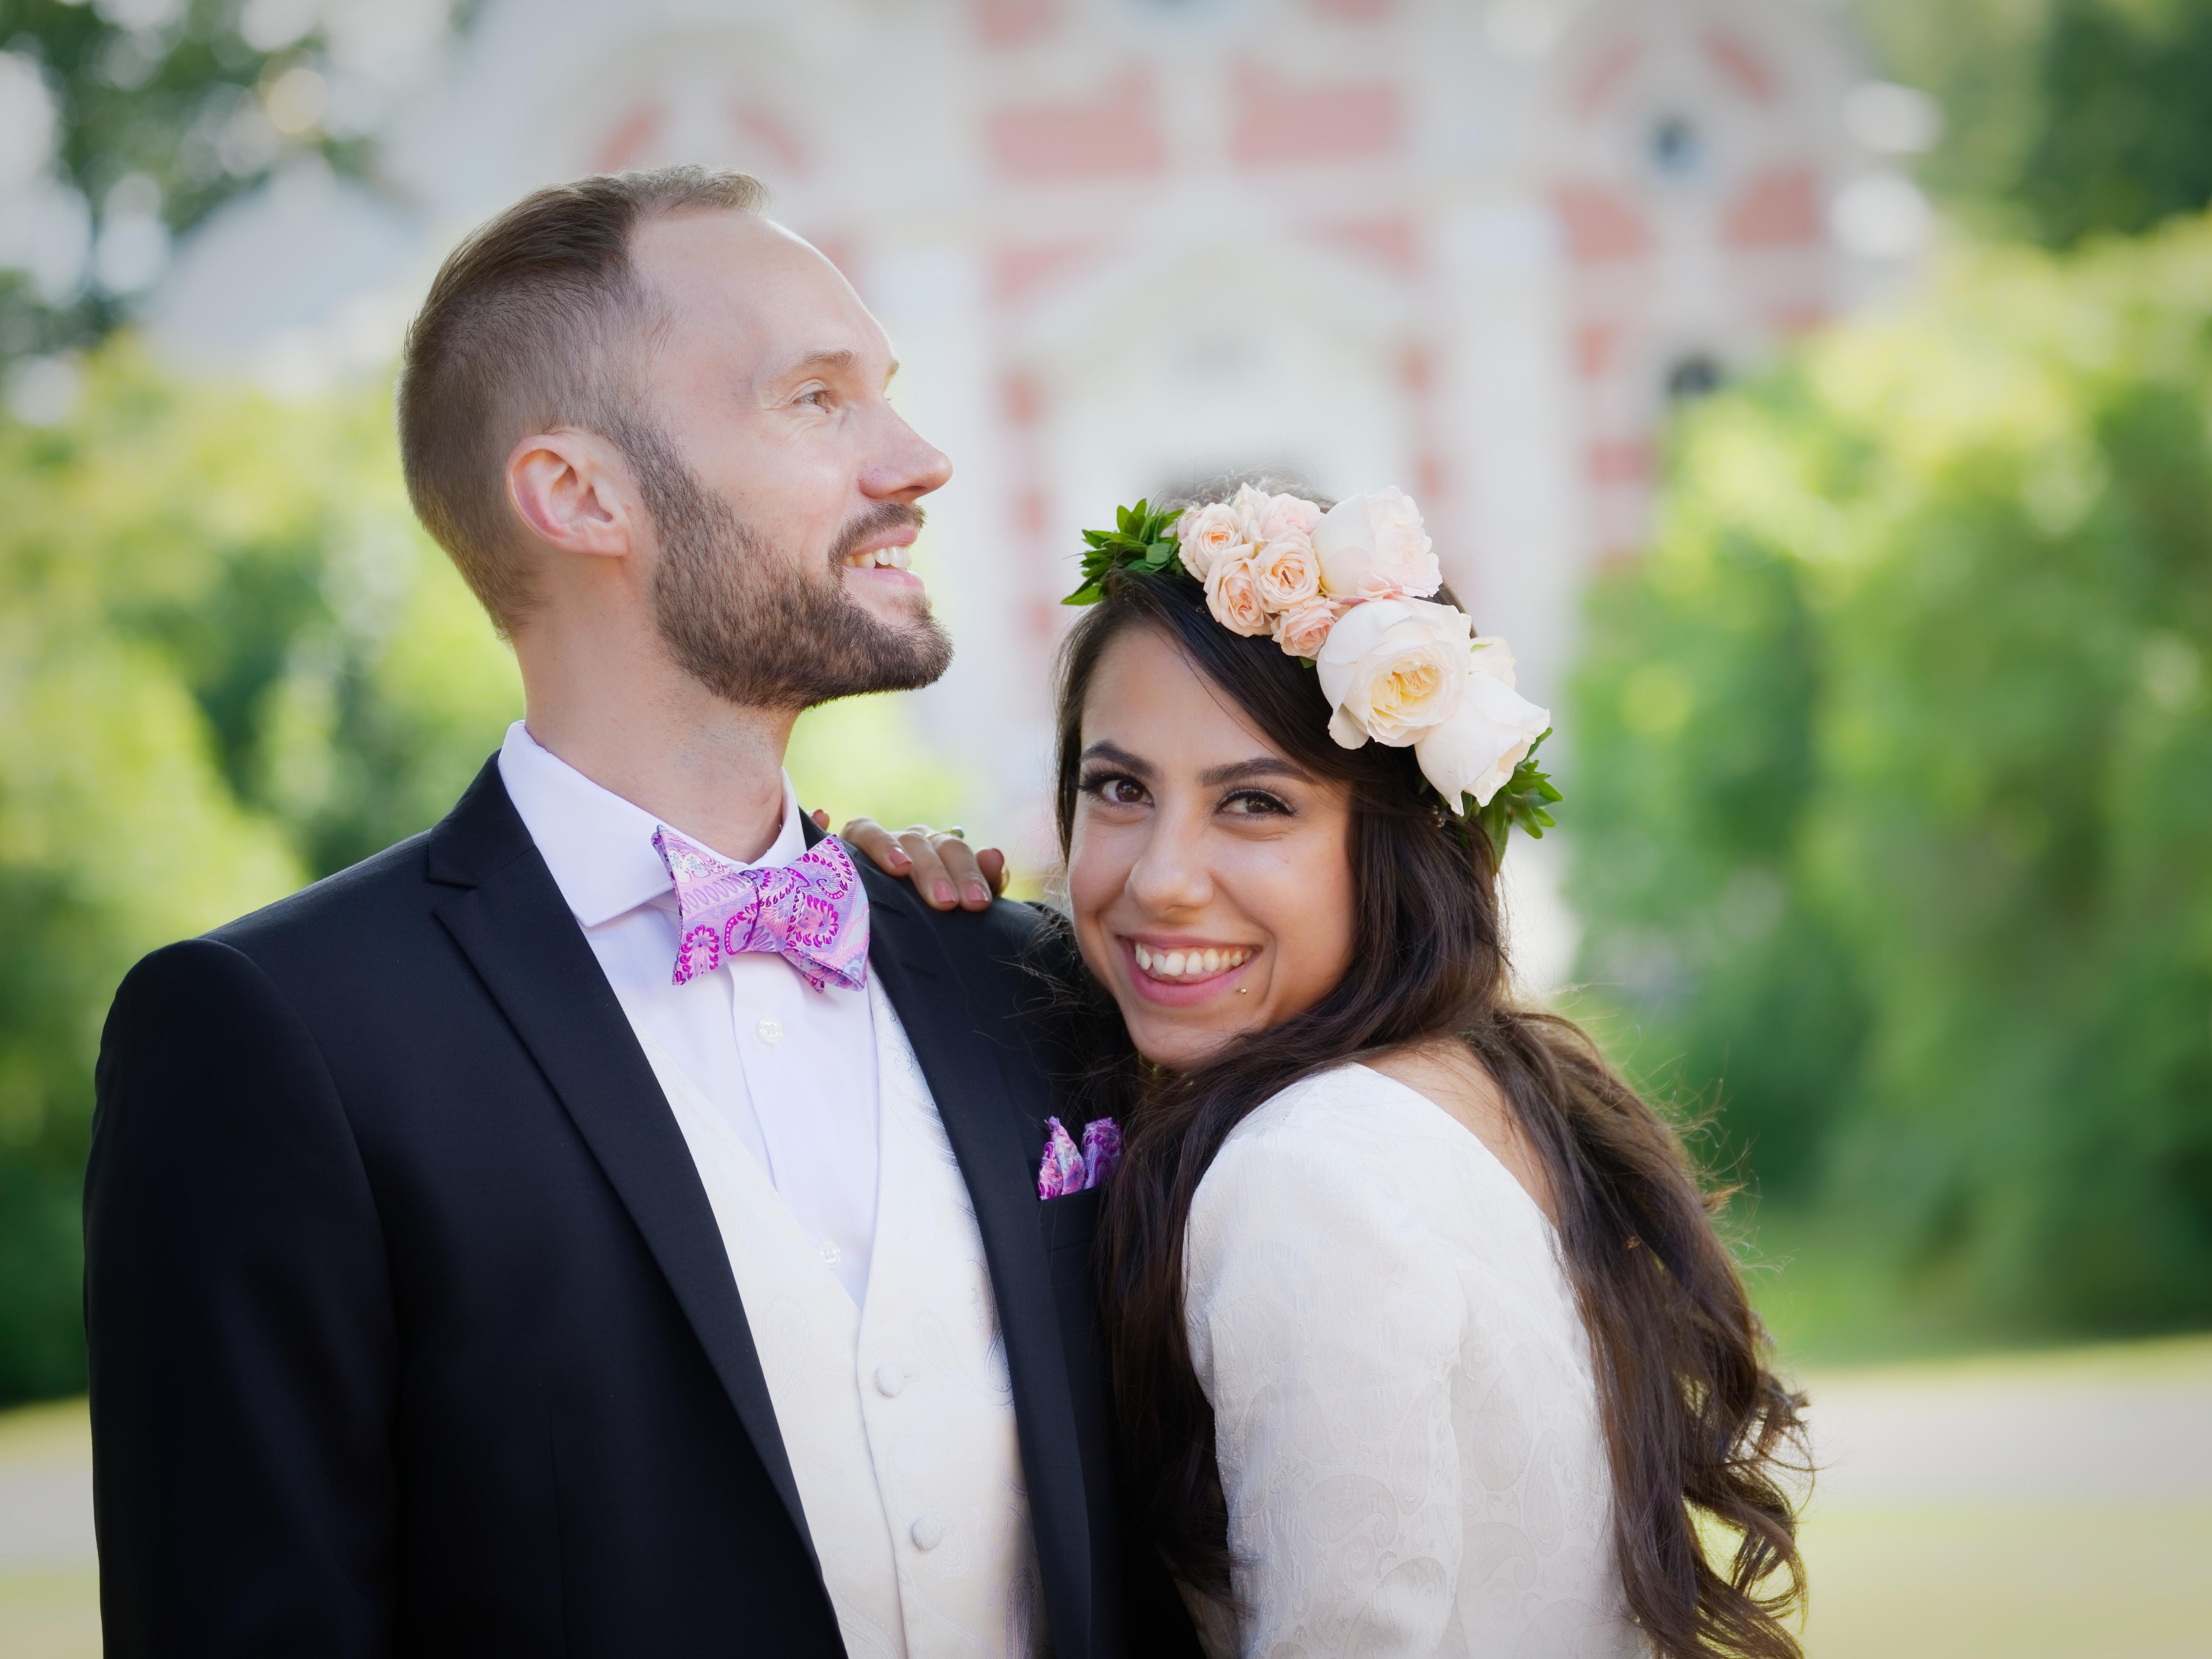 Bröllopsporträtt 1 - Mahdis & Tommy